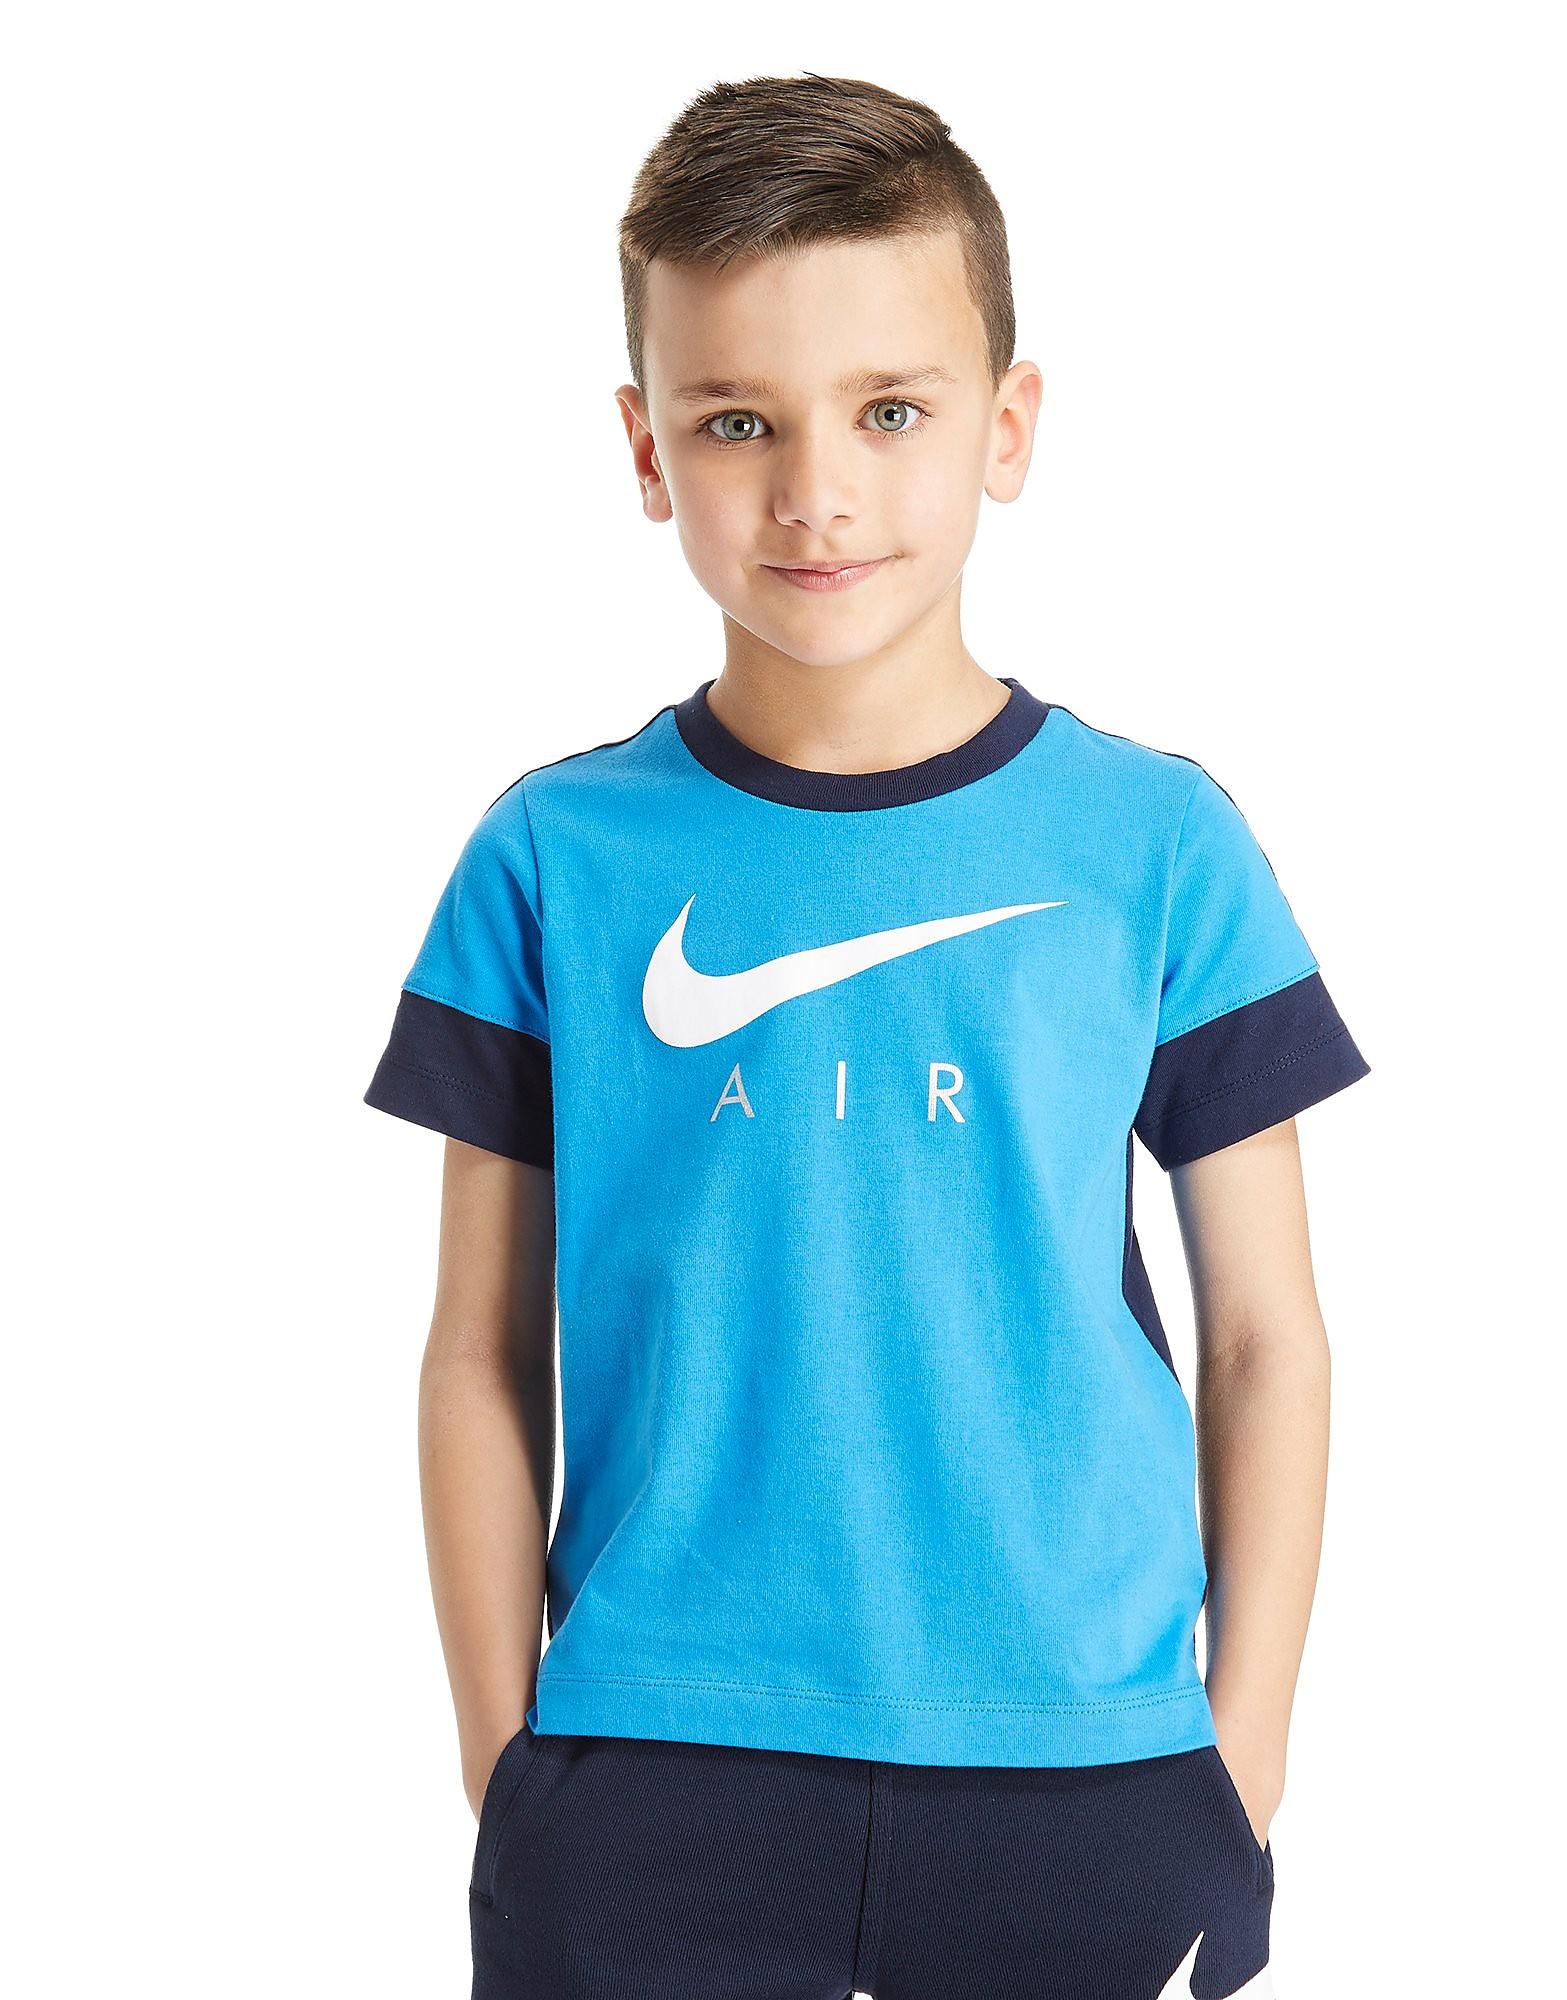 Nike T-shirt Air pour enfant